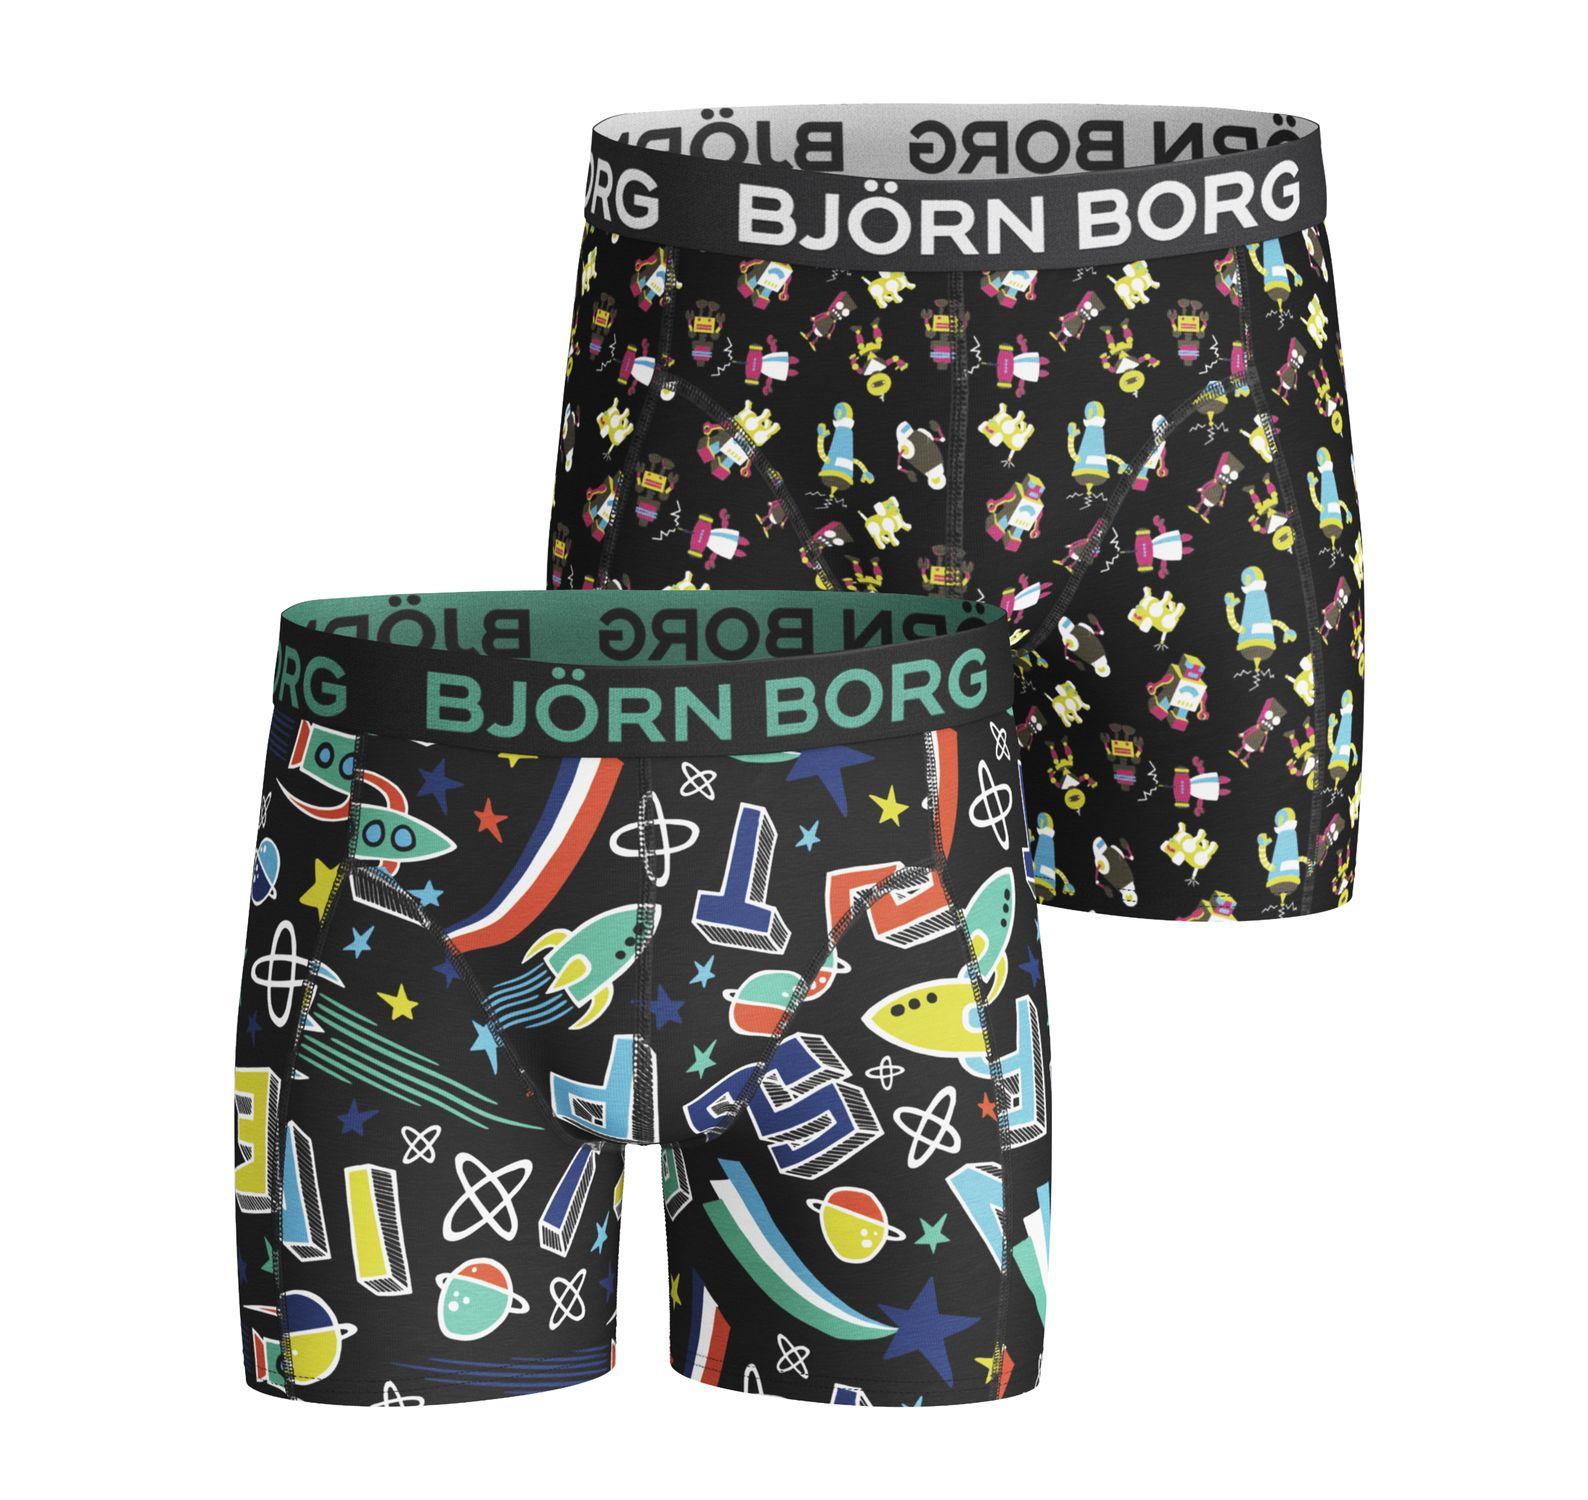 2p Shorts Bb Lost & Bb Robo, Black, 170-176,  Björn Borg